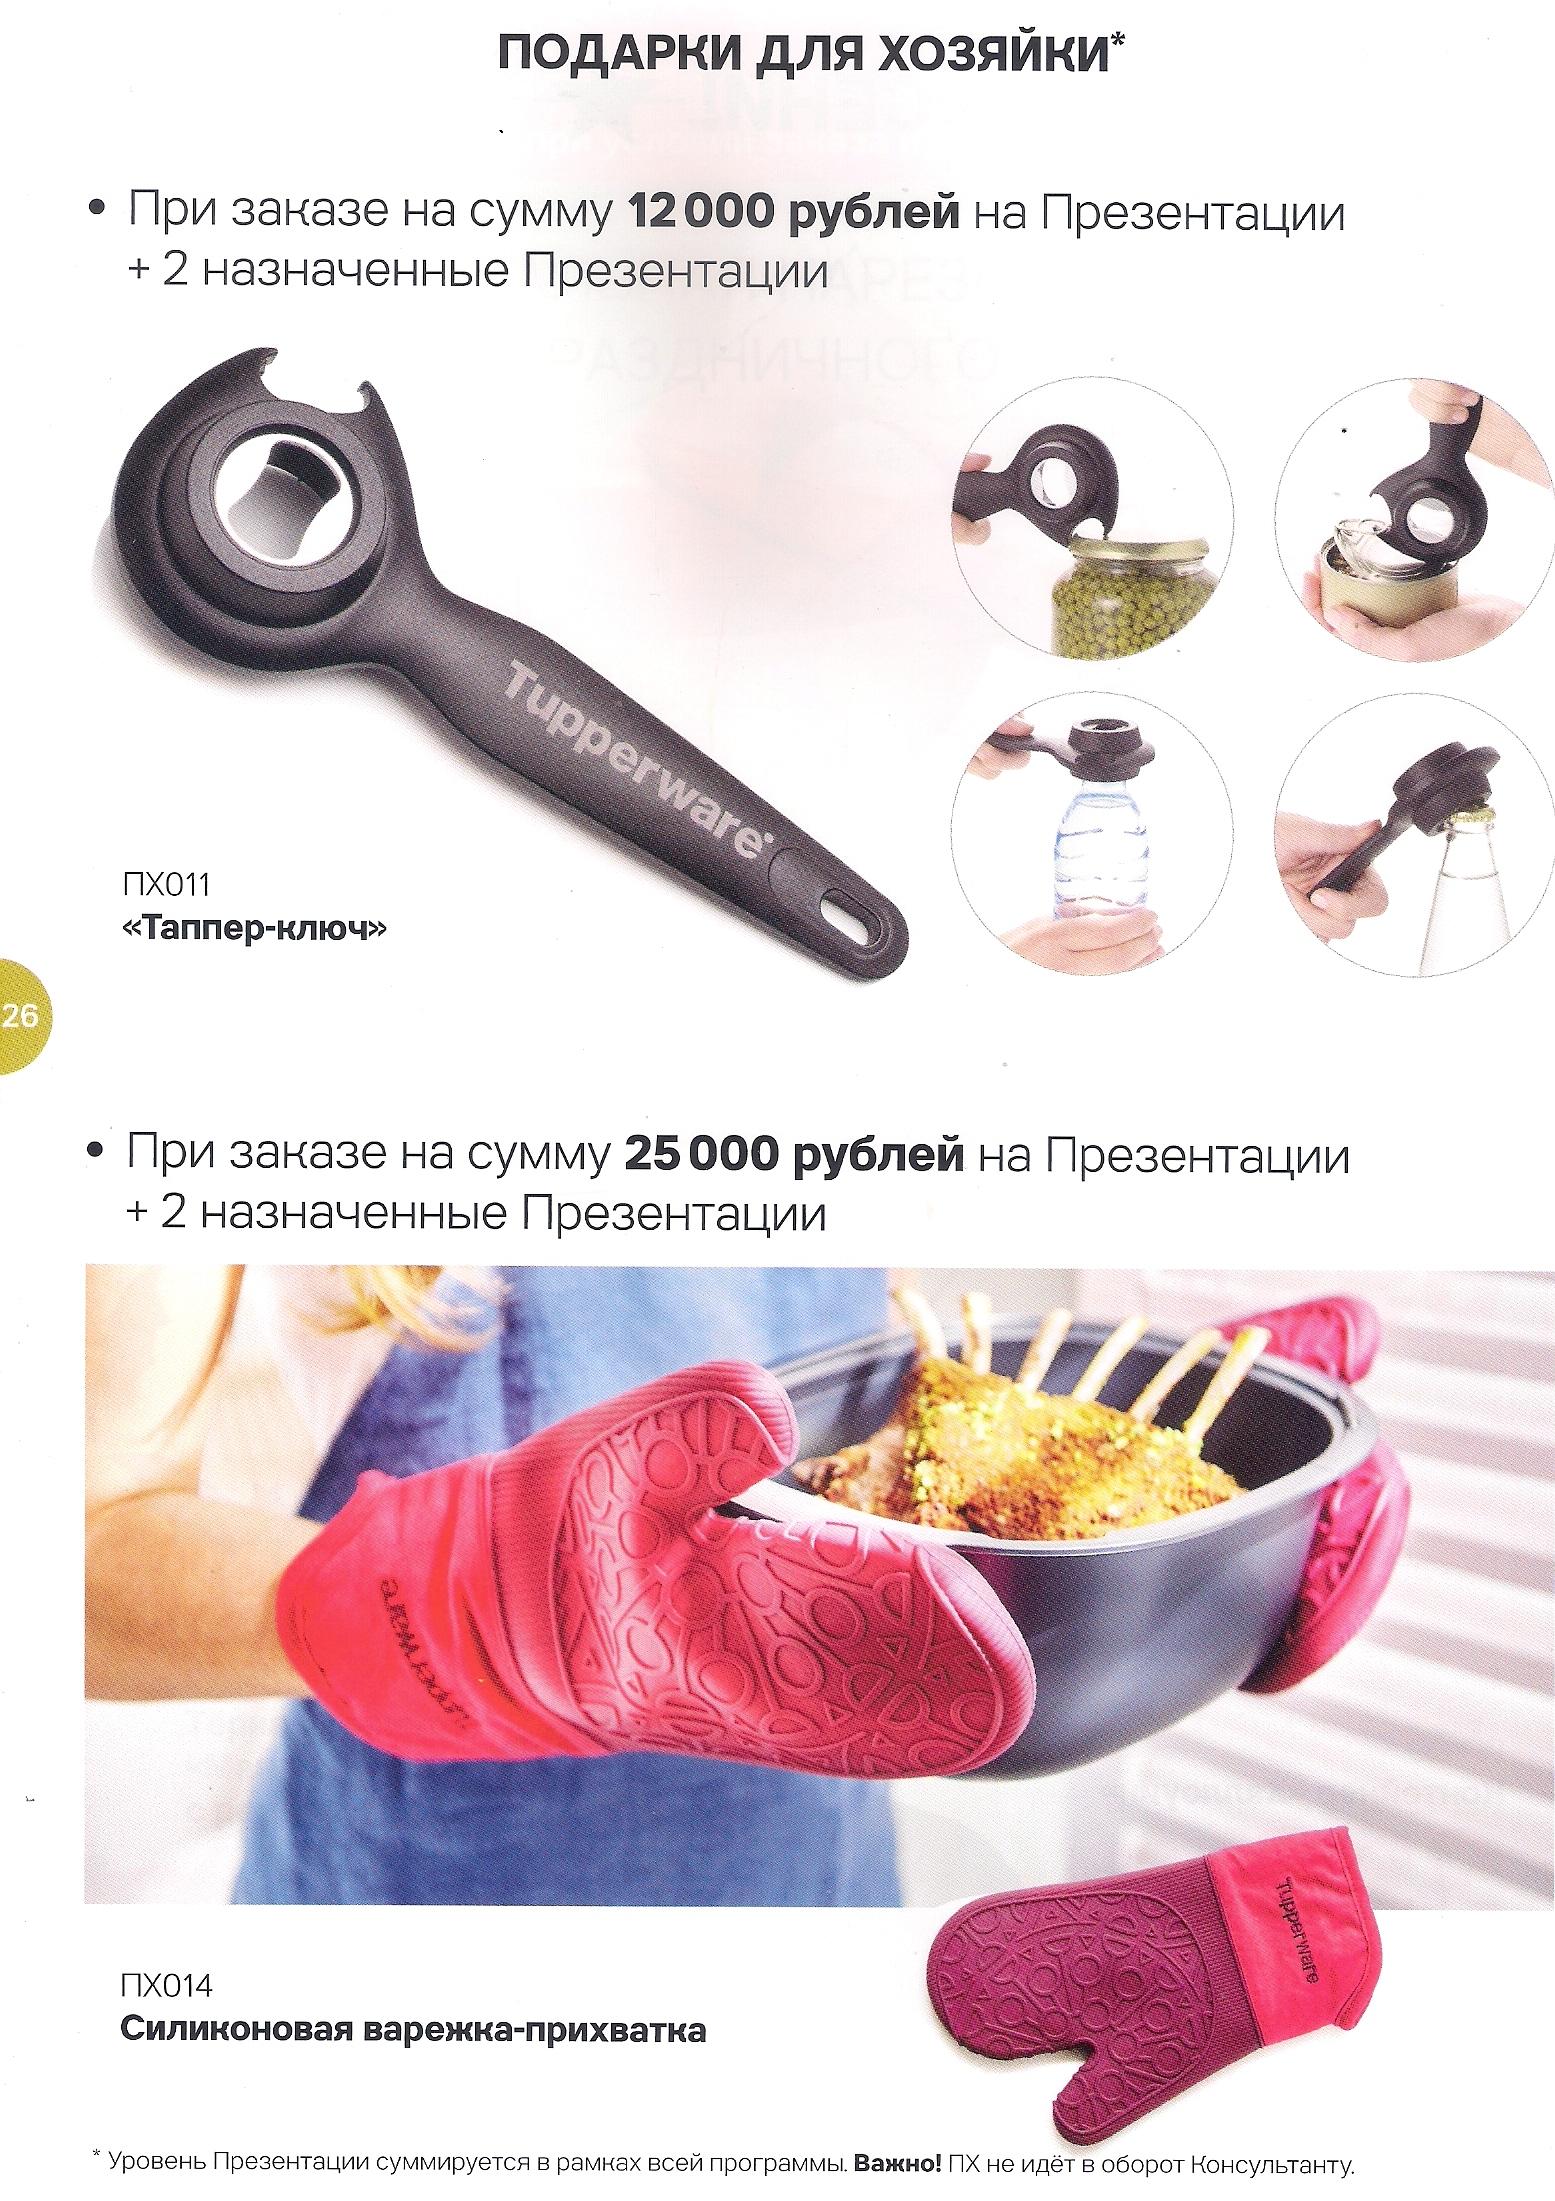 http://tupperware-online.ru/images/upload/24p.jpg